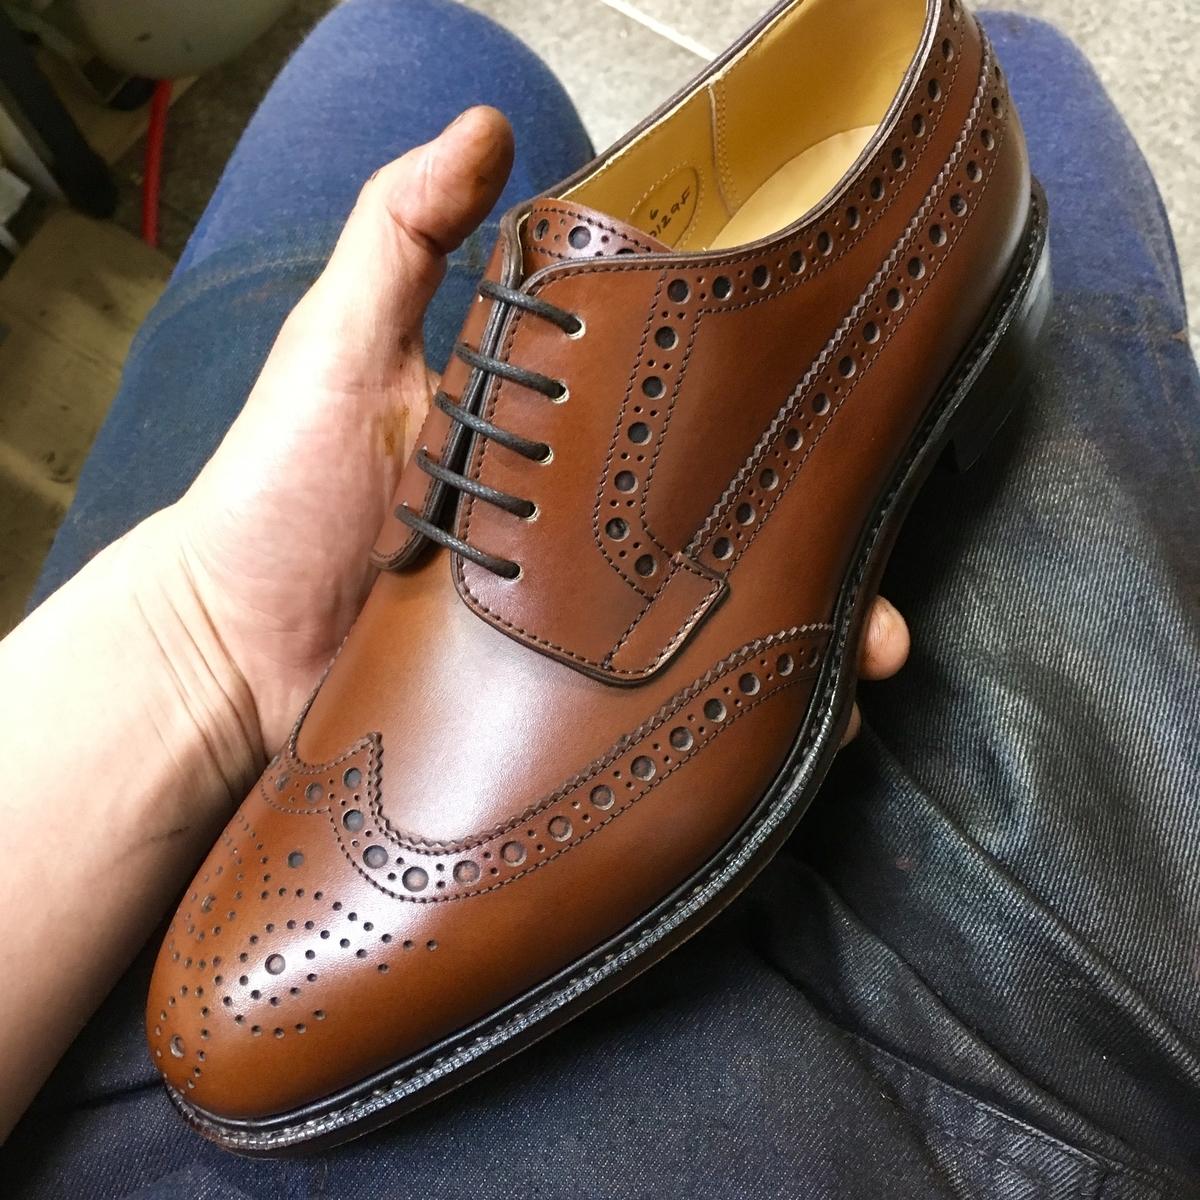 f:id:raymar-shoes:20190504001700j:plain